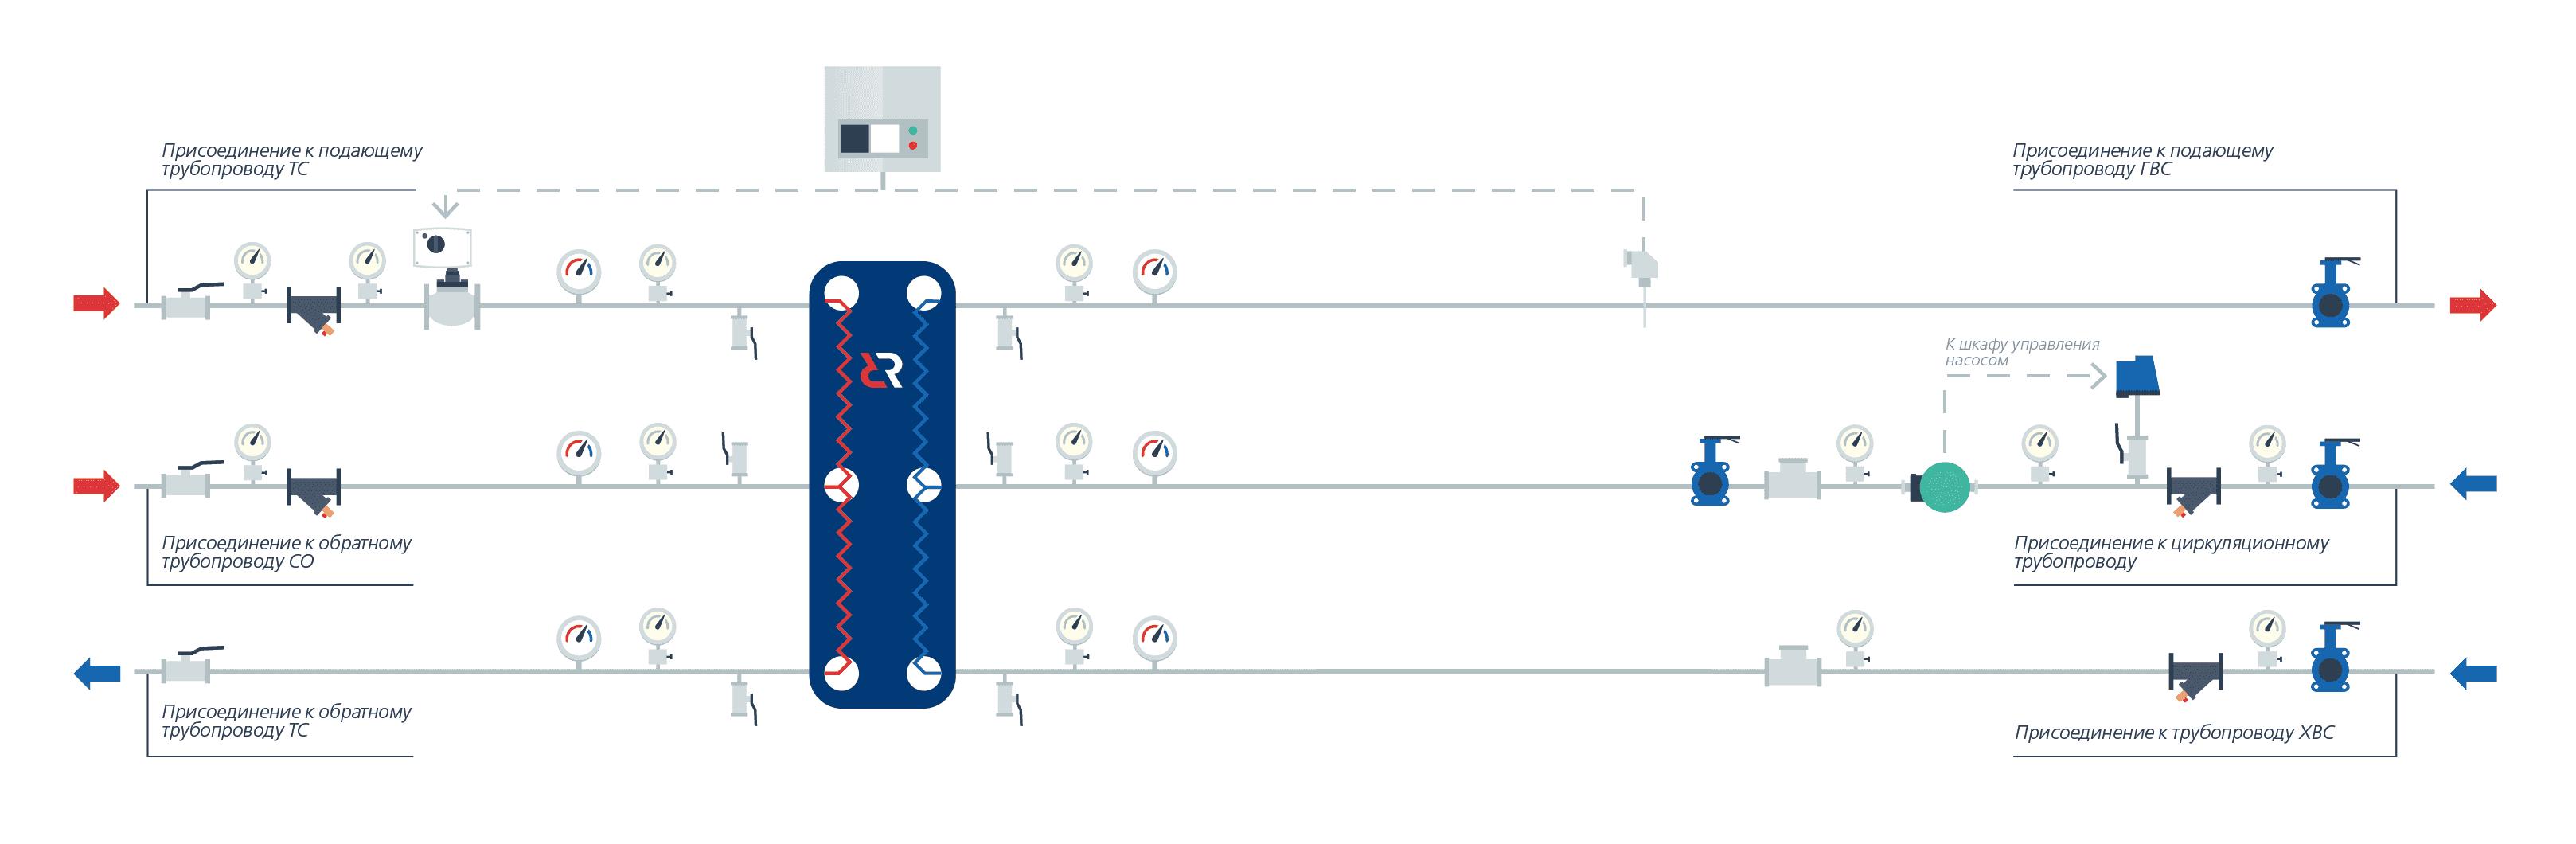 Схема теплообменника моноблока Кожухотрубный конденсатор ONDA SM 7 Канск